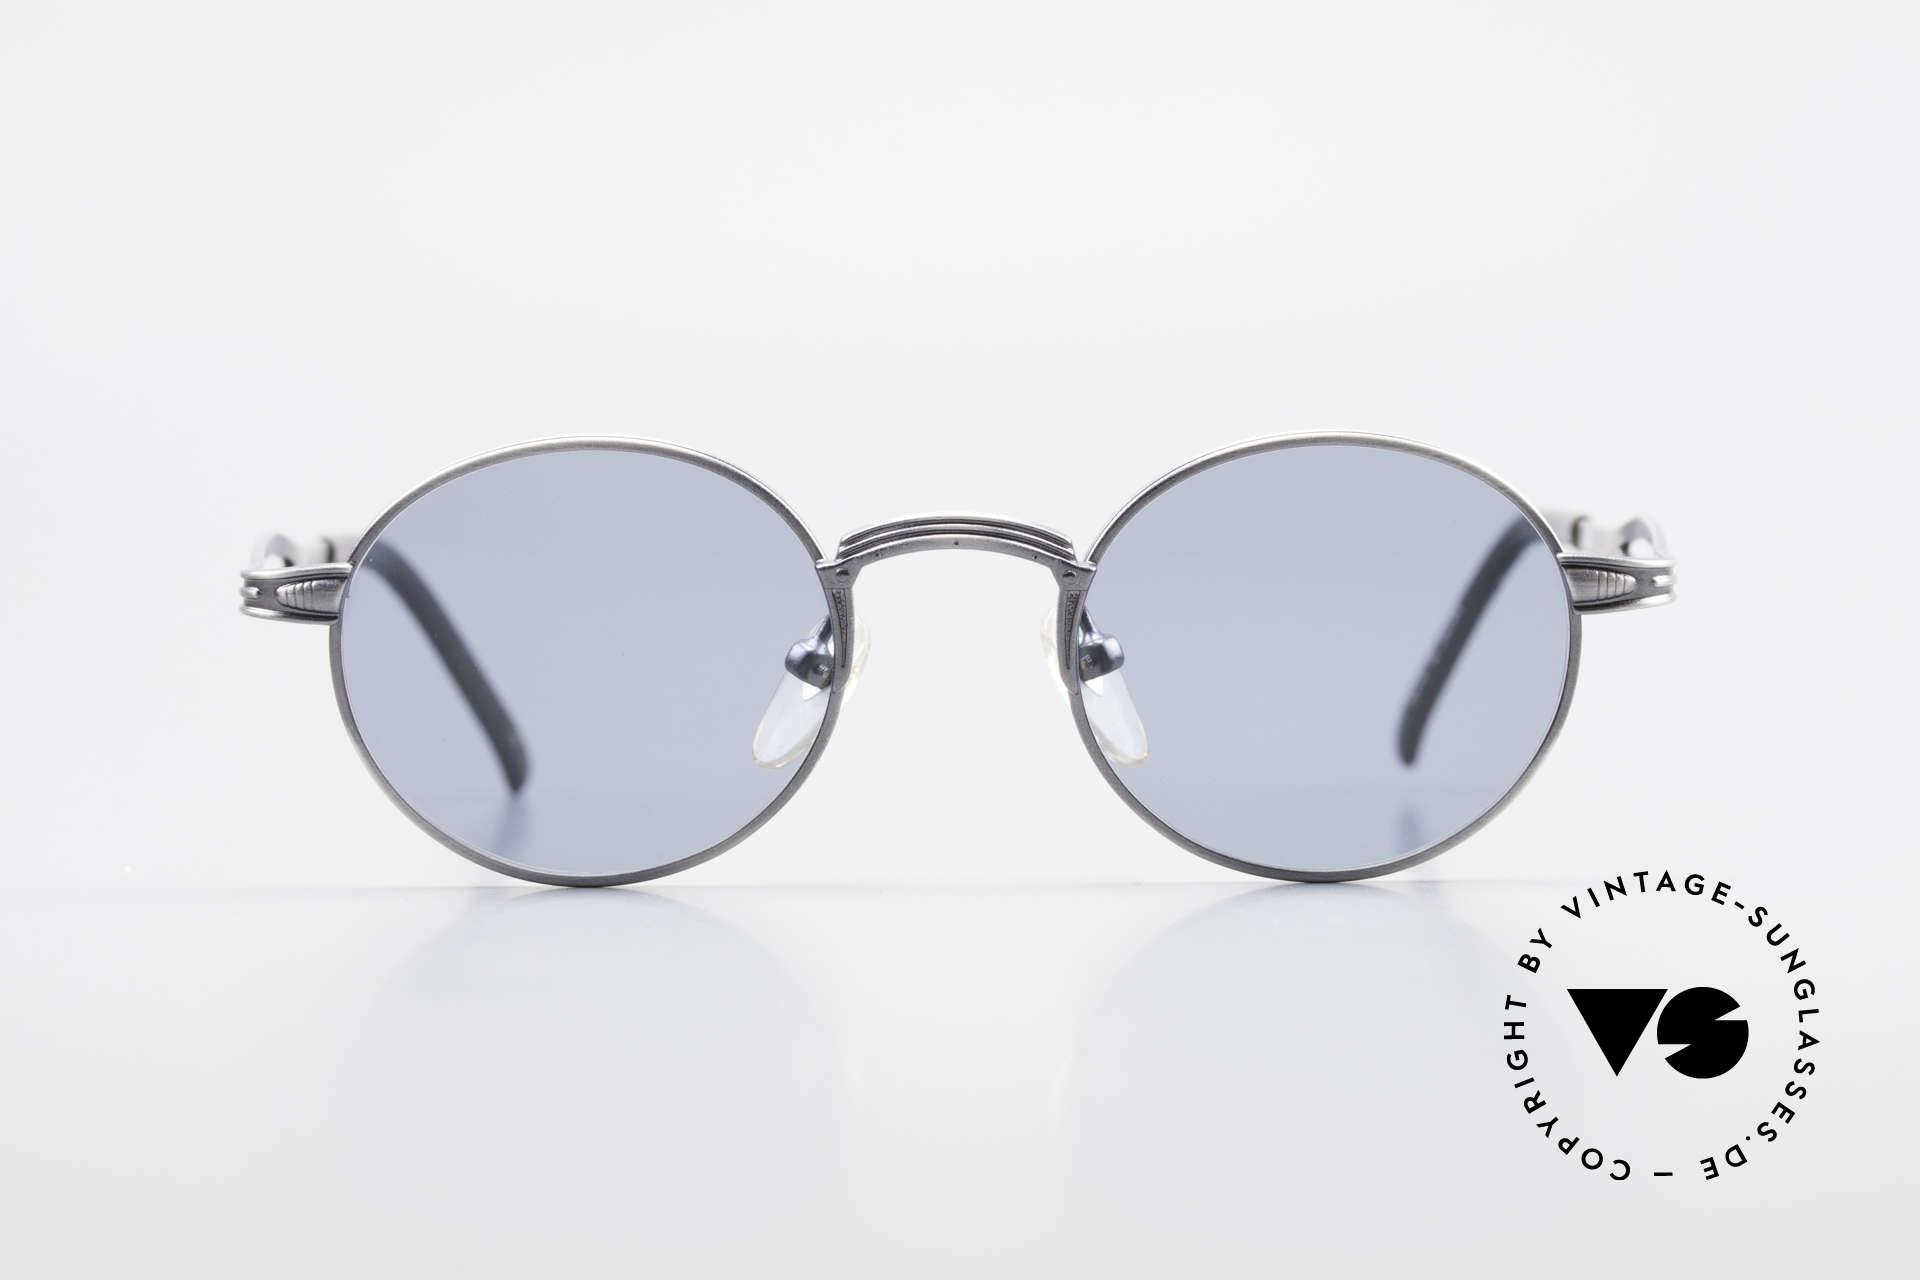 Jean Paul Gaultier 55-7107 Kleine Runde Vintage Brille, Fassung (SMALL Gr. 44/20) in 'metallic smoke silver', Passend für Herren und Damen